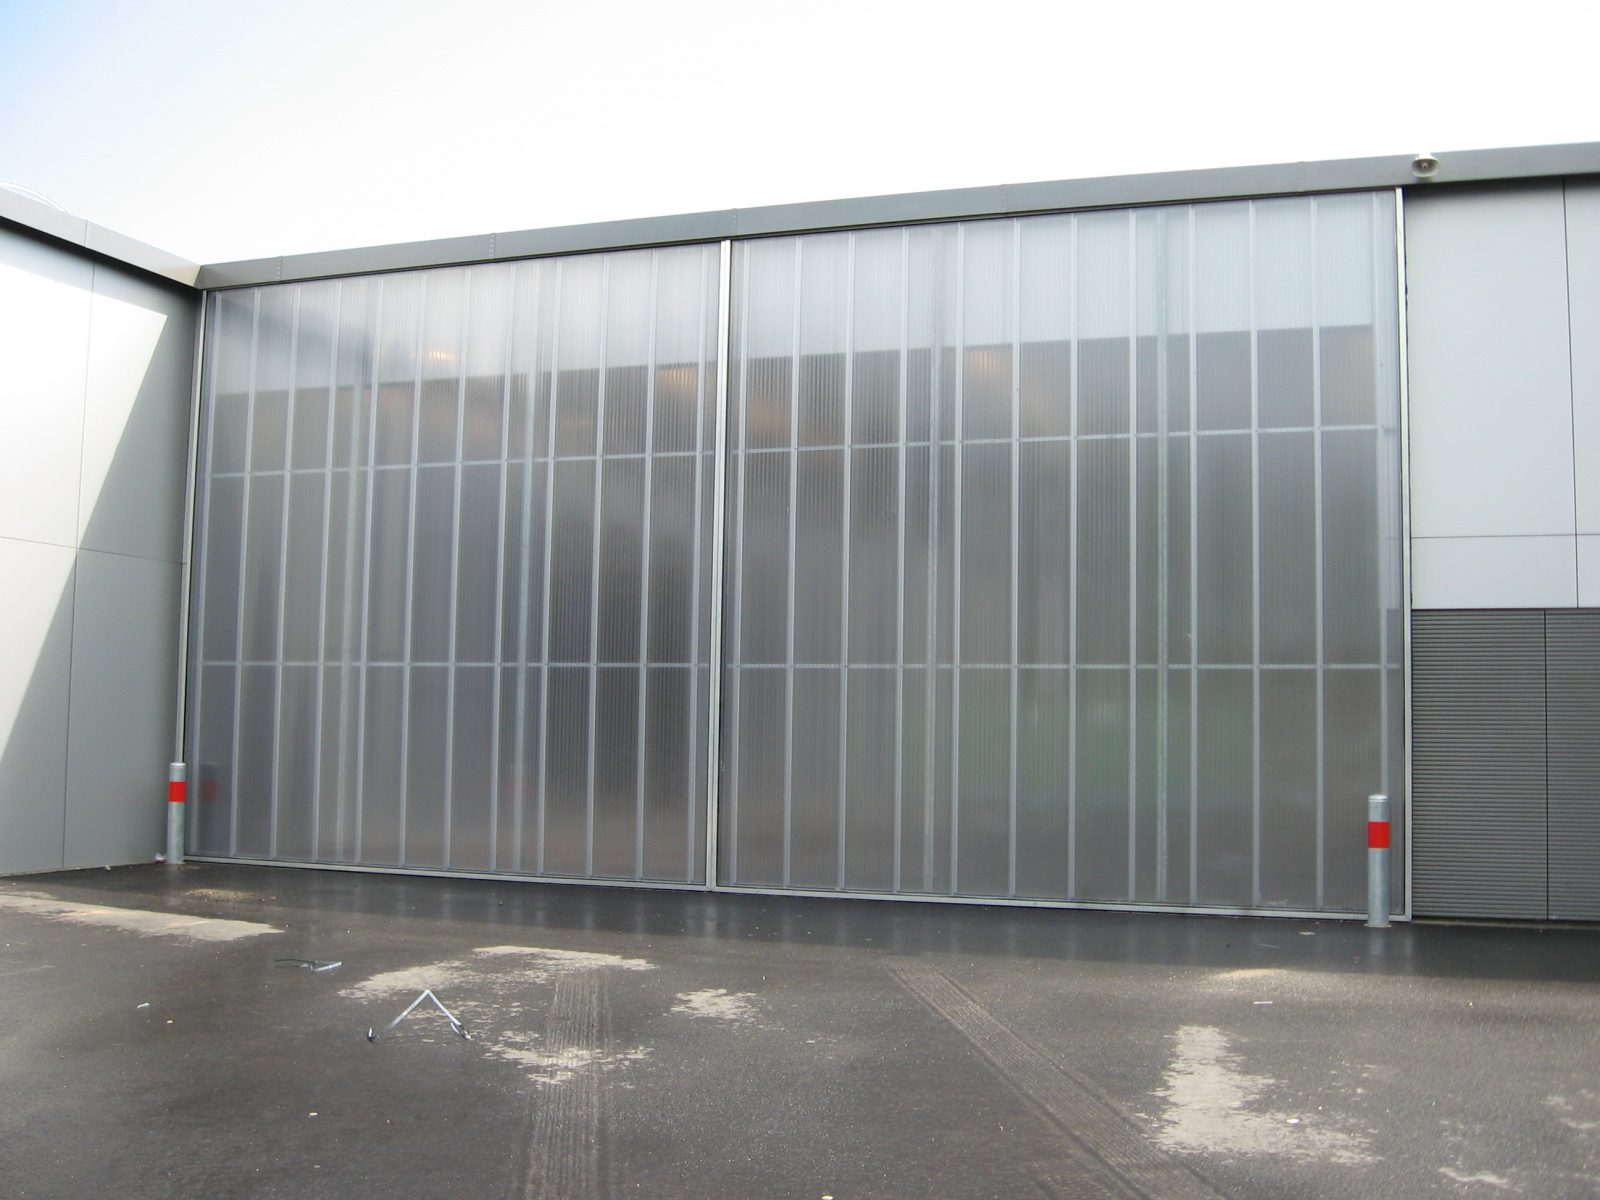 Schuifdeuren - grote deuren - Protec Industrial Doors & Fire Station Zwolle - special glass doors - Protec Industrial Doors